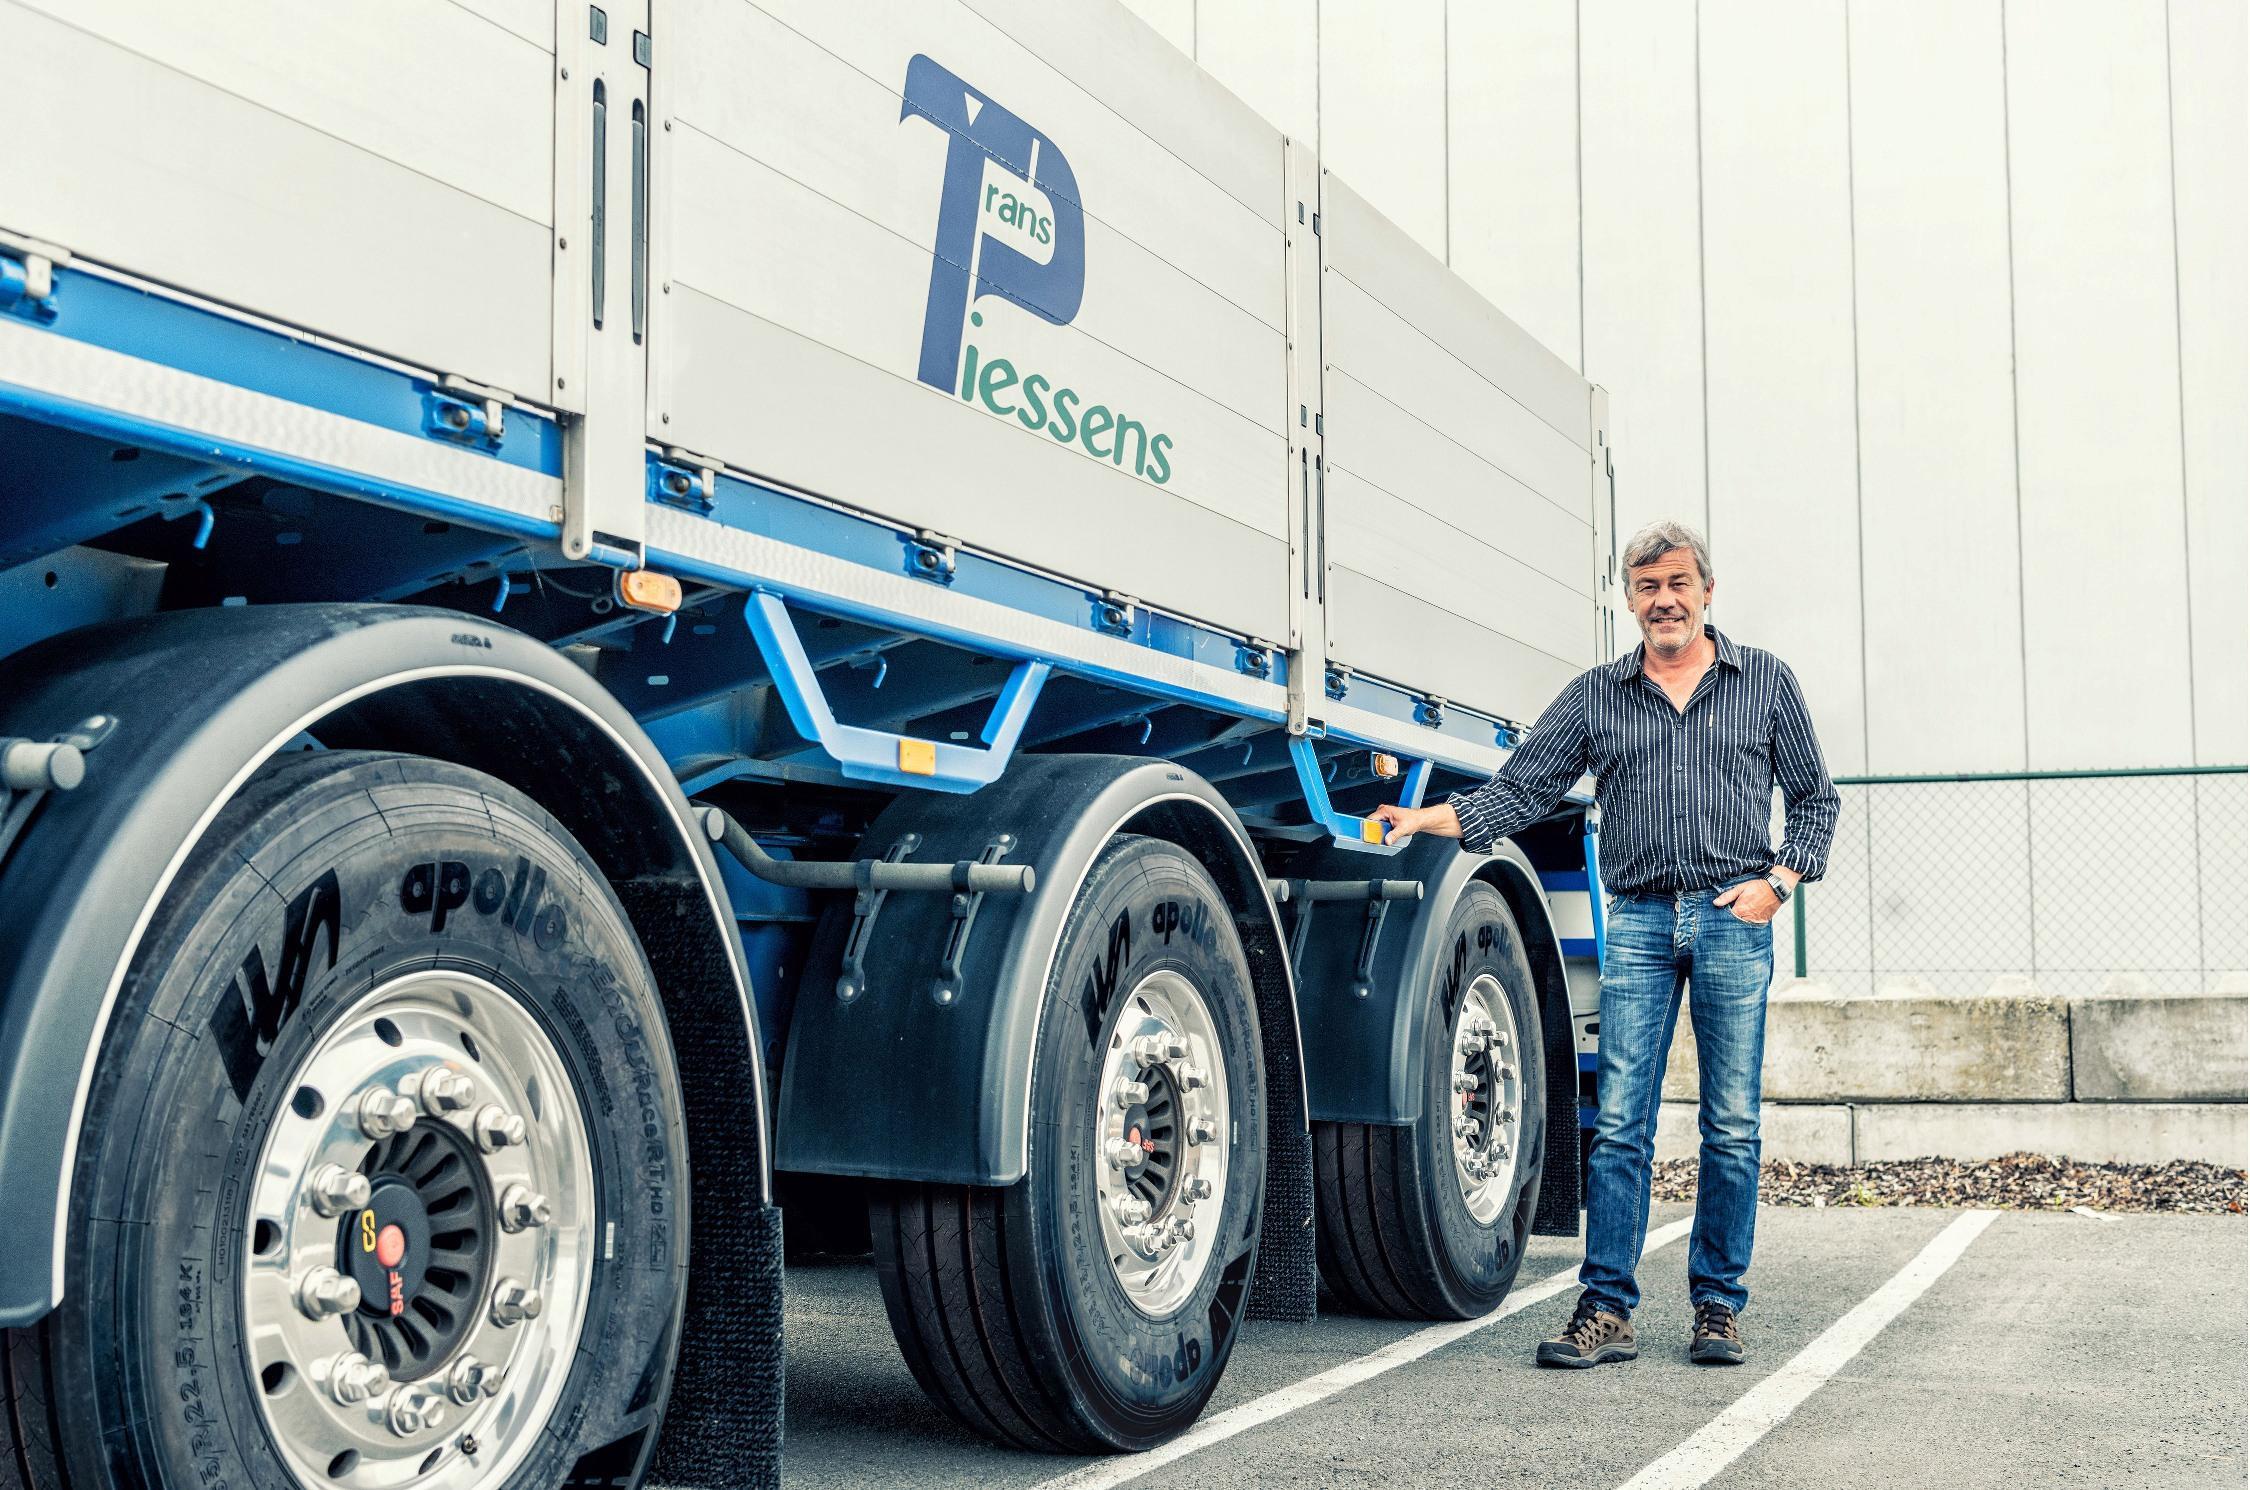 Первые грузовые шины Apollo венгерского производства отправили в Бельгию